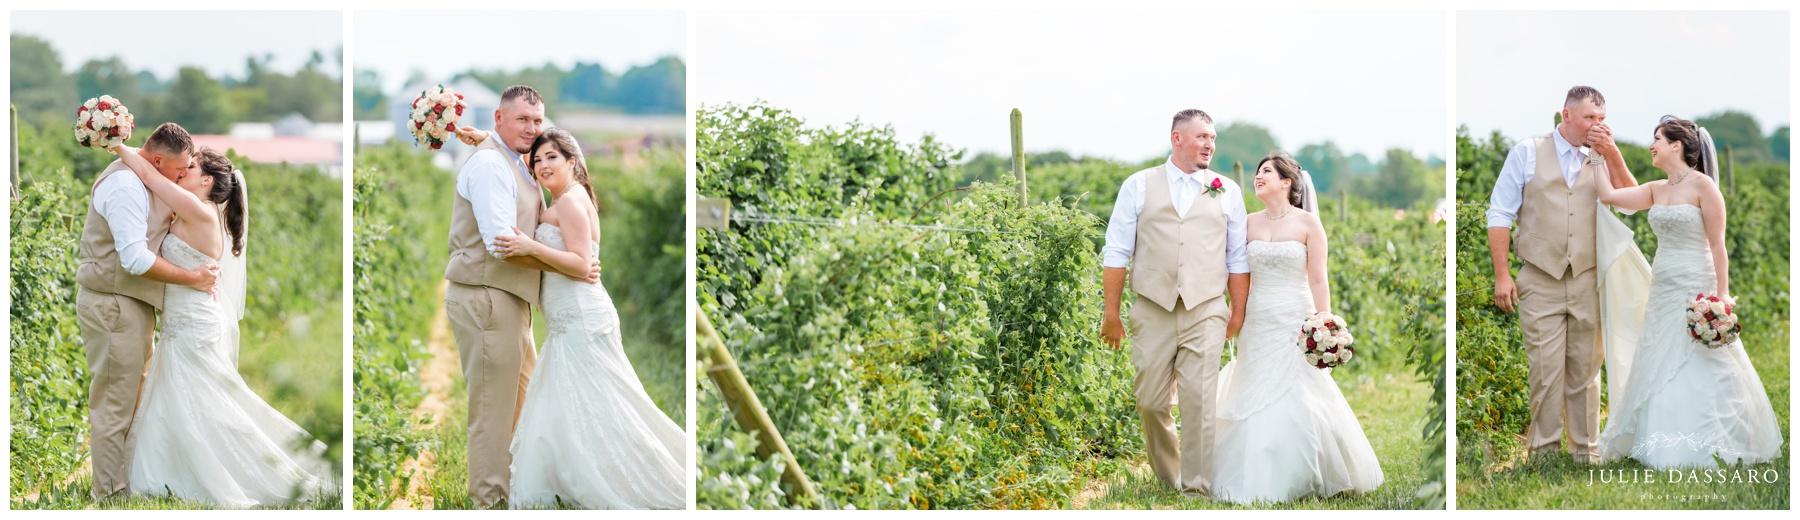 bride and groom in vineyard